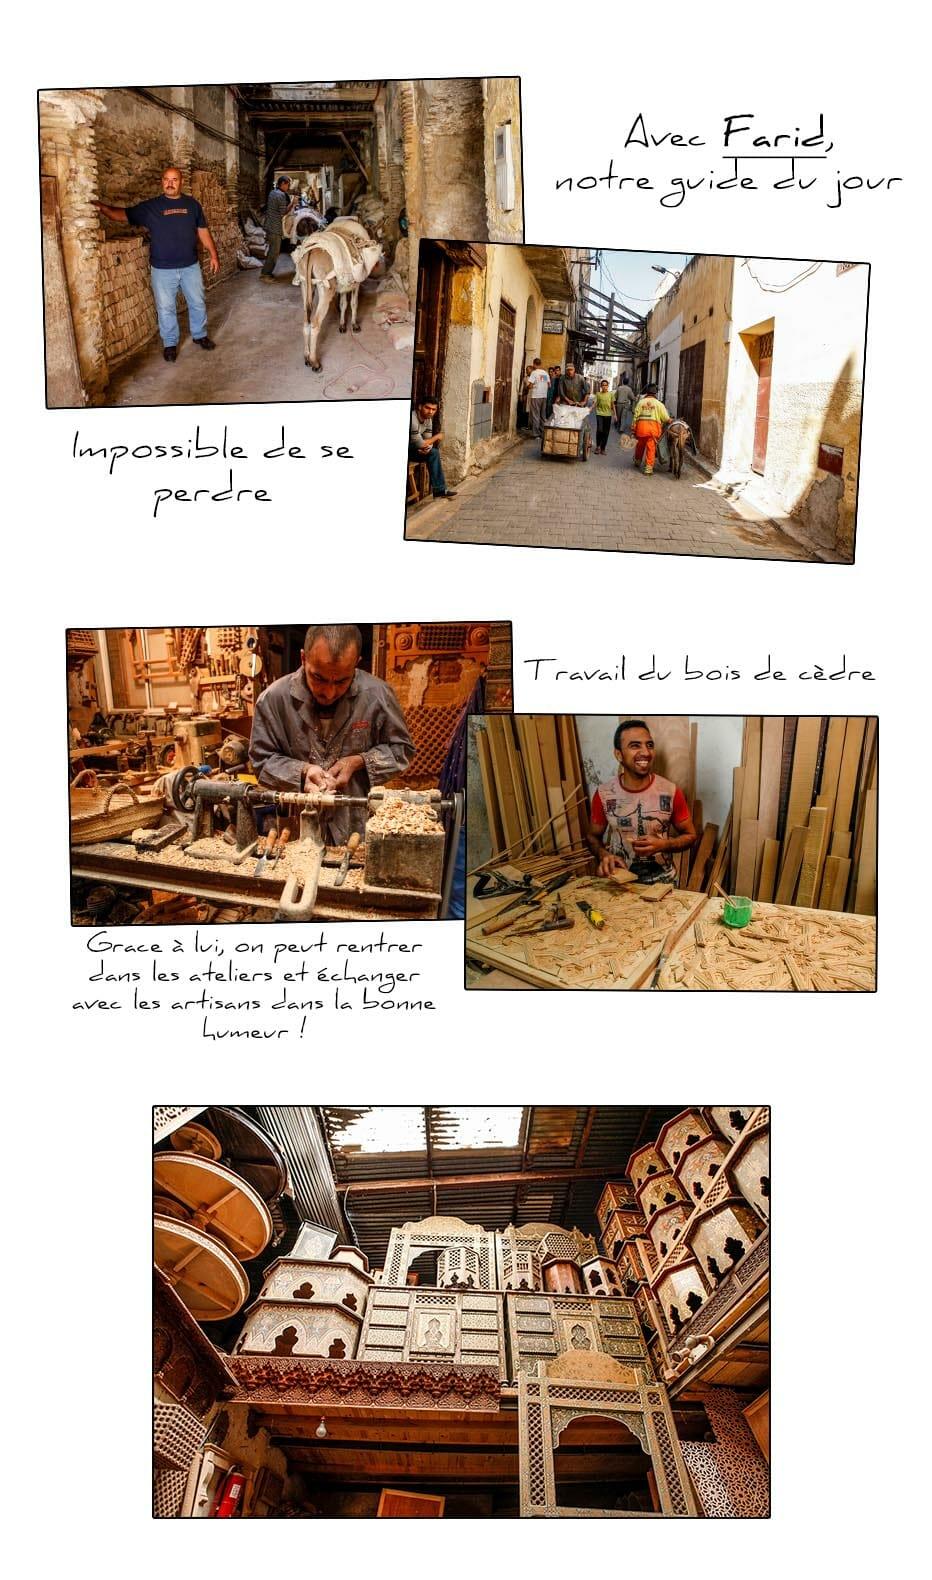 medina-fes-artisanat